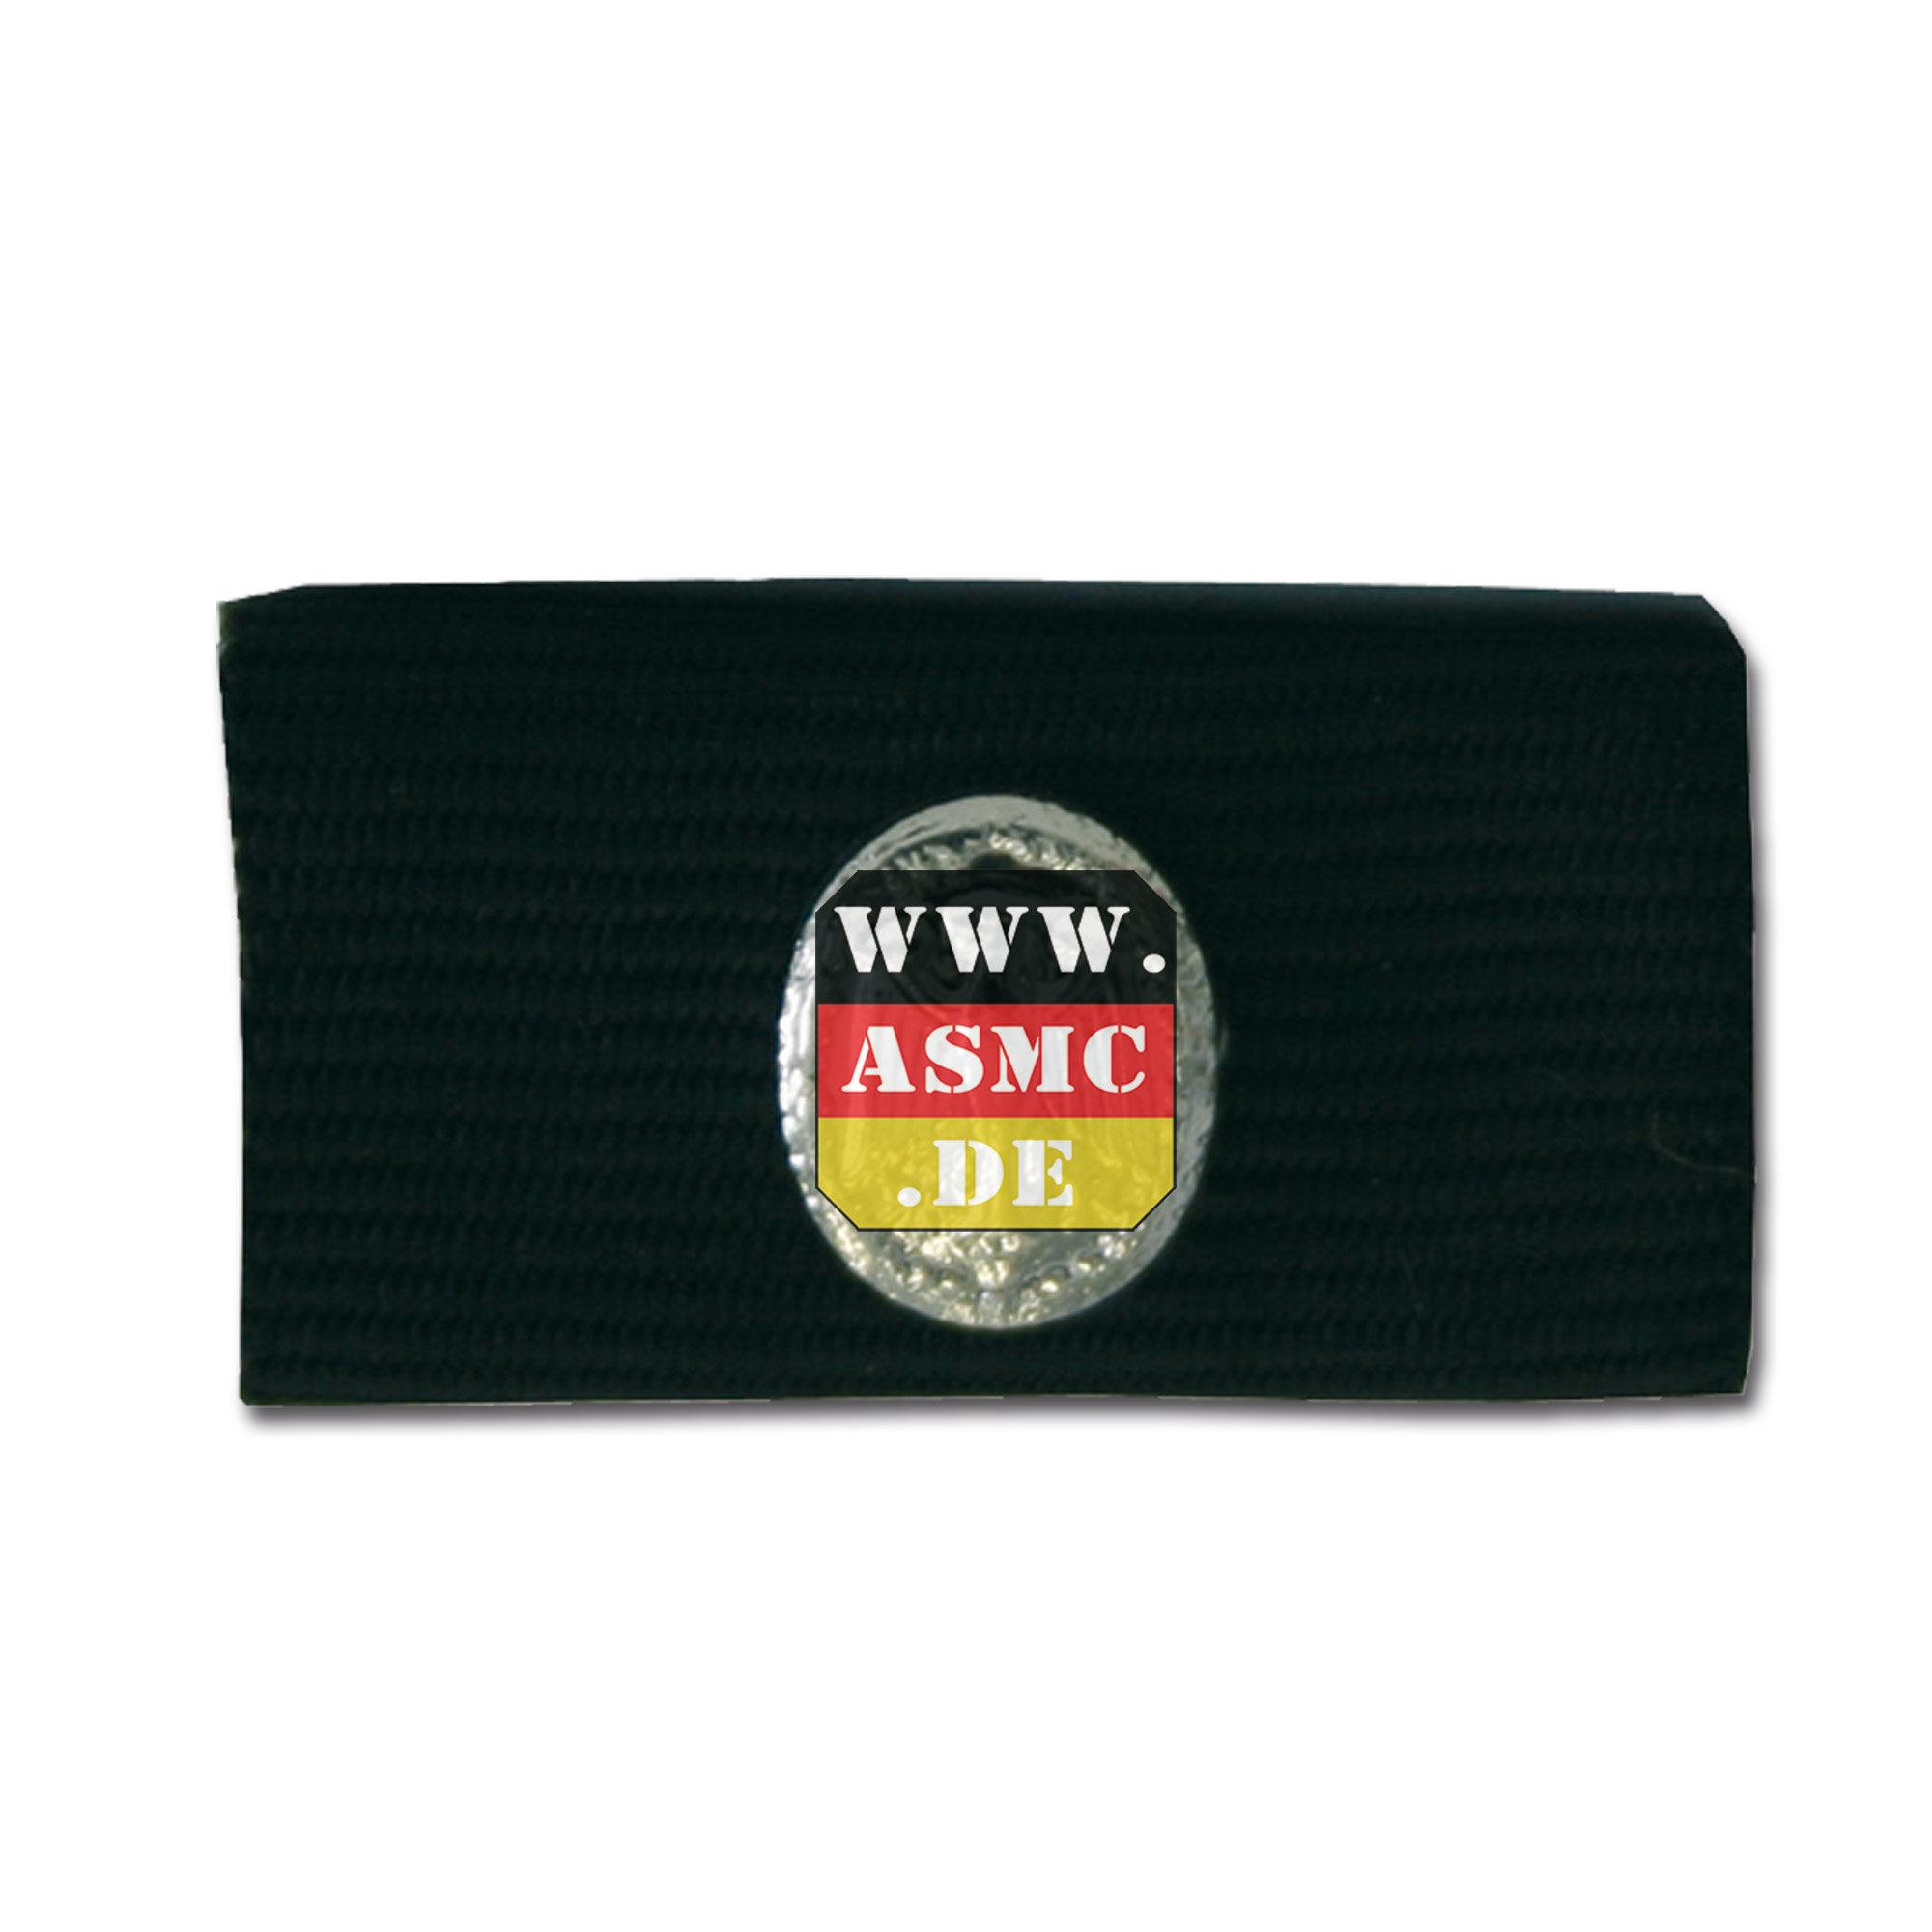 Ordensspange BW Leistungsabzeichen silber/schwarz